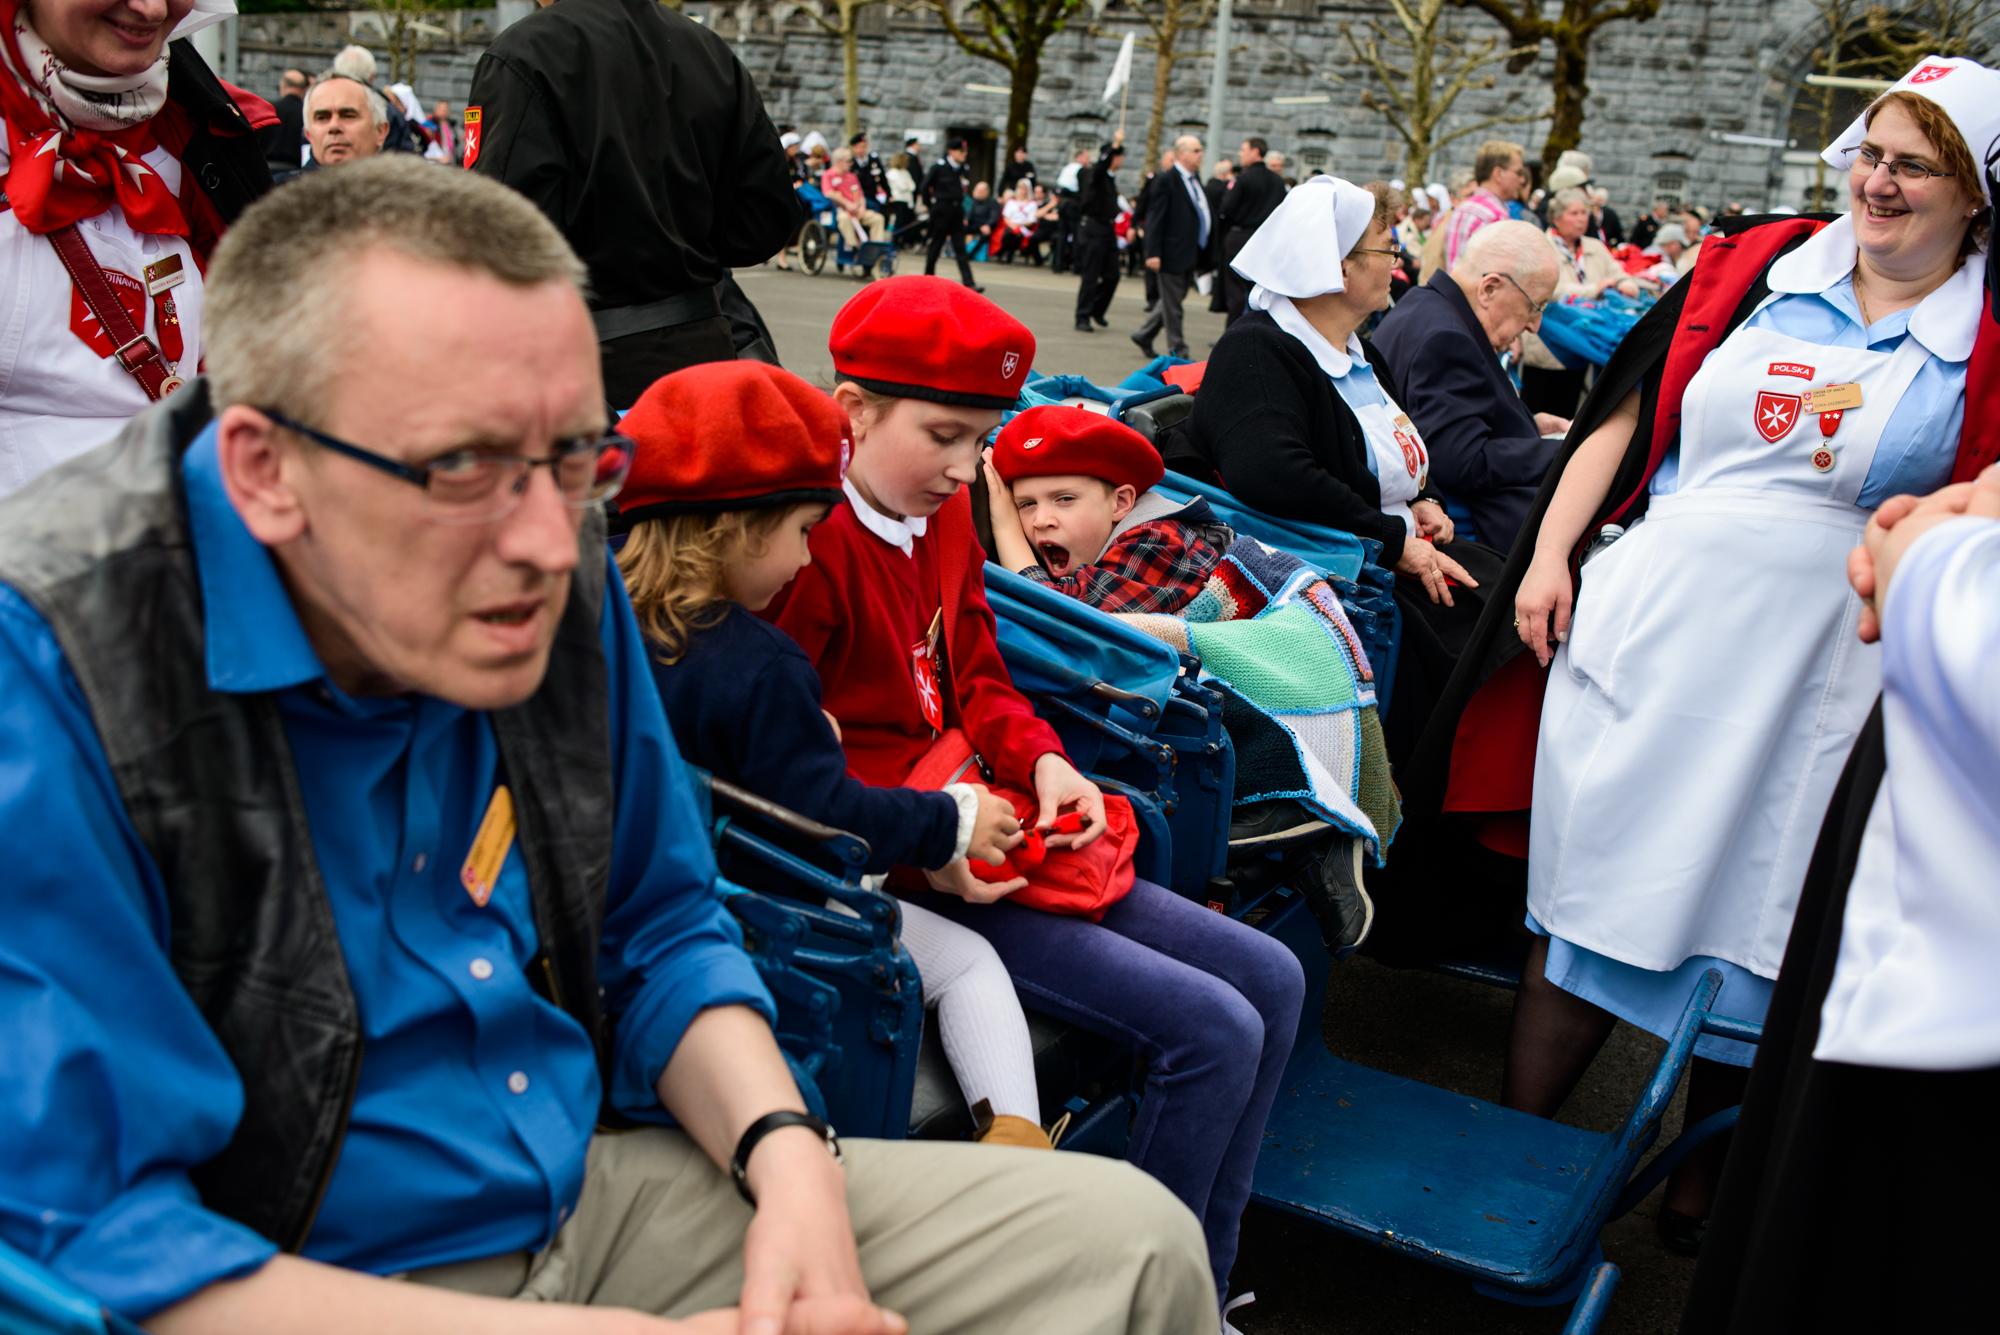 Oczekiwanie na procesję (fot. Piotr Idem)